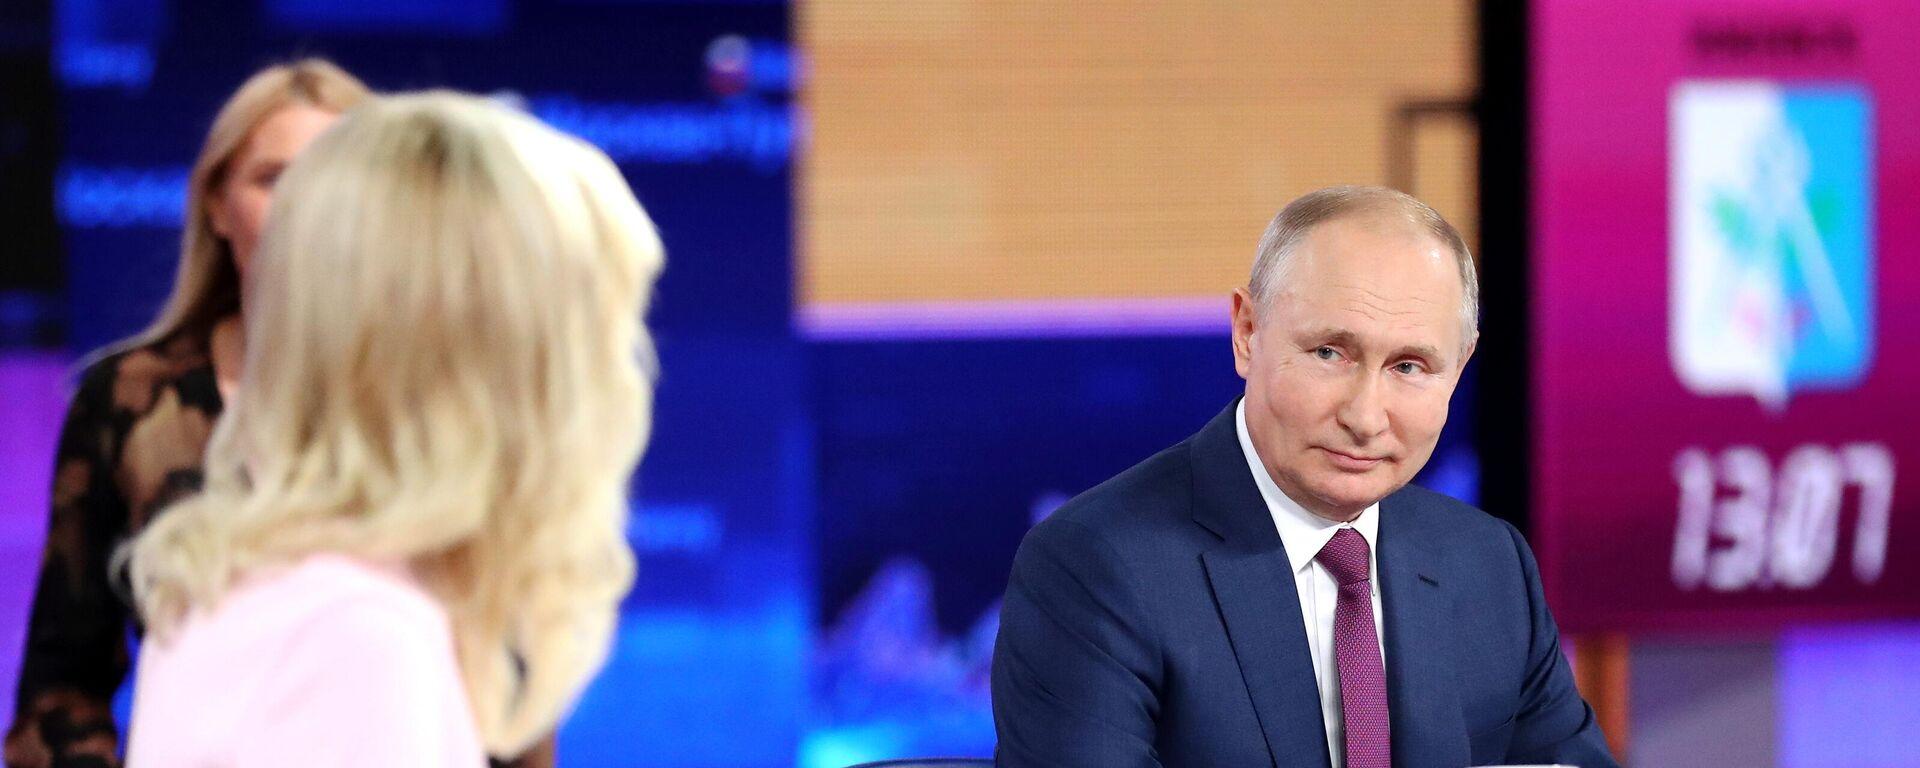 La linea diretta con Vladimir Putin - Sputnik Italia, 1920, 30.06.2021